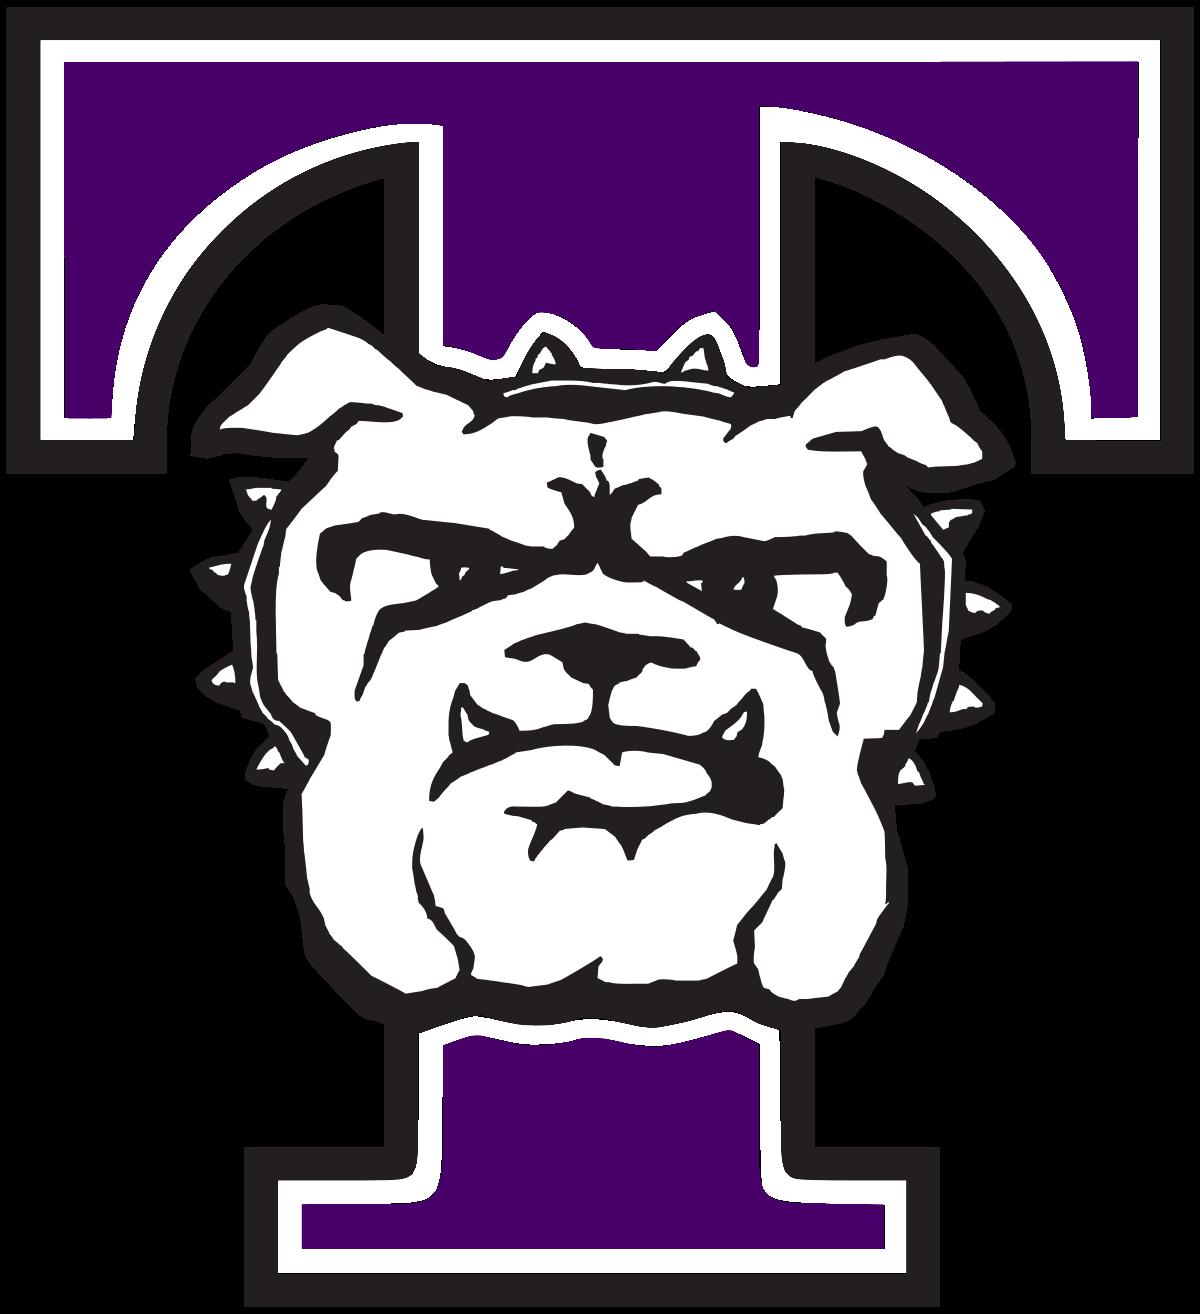 Polka dot bulldog basketball clipart black and white Truman Bulldogs - Wikipedia black and white